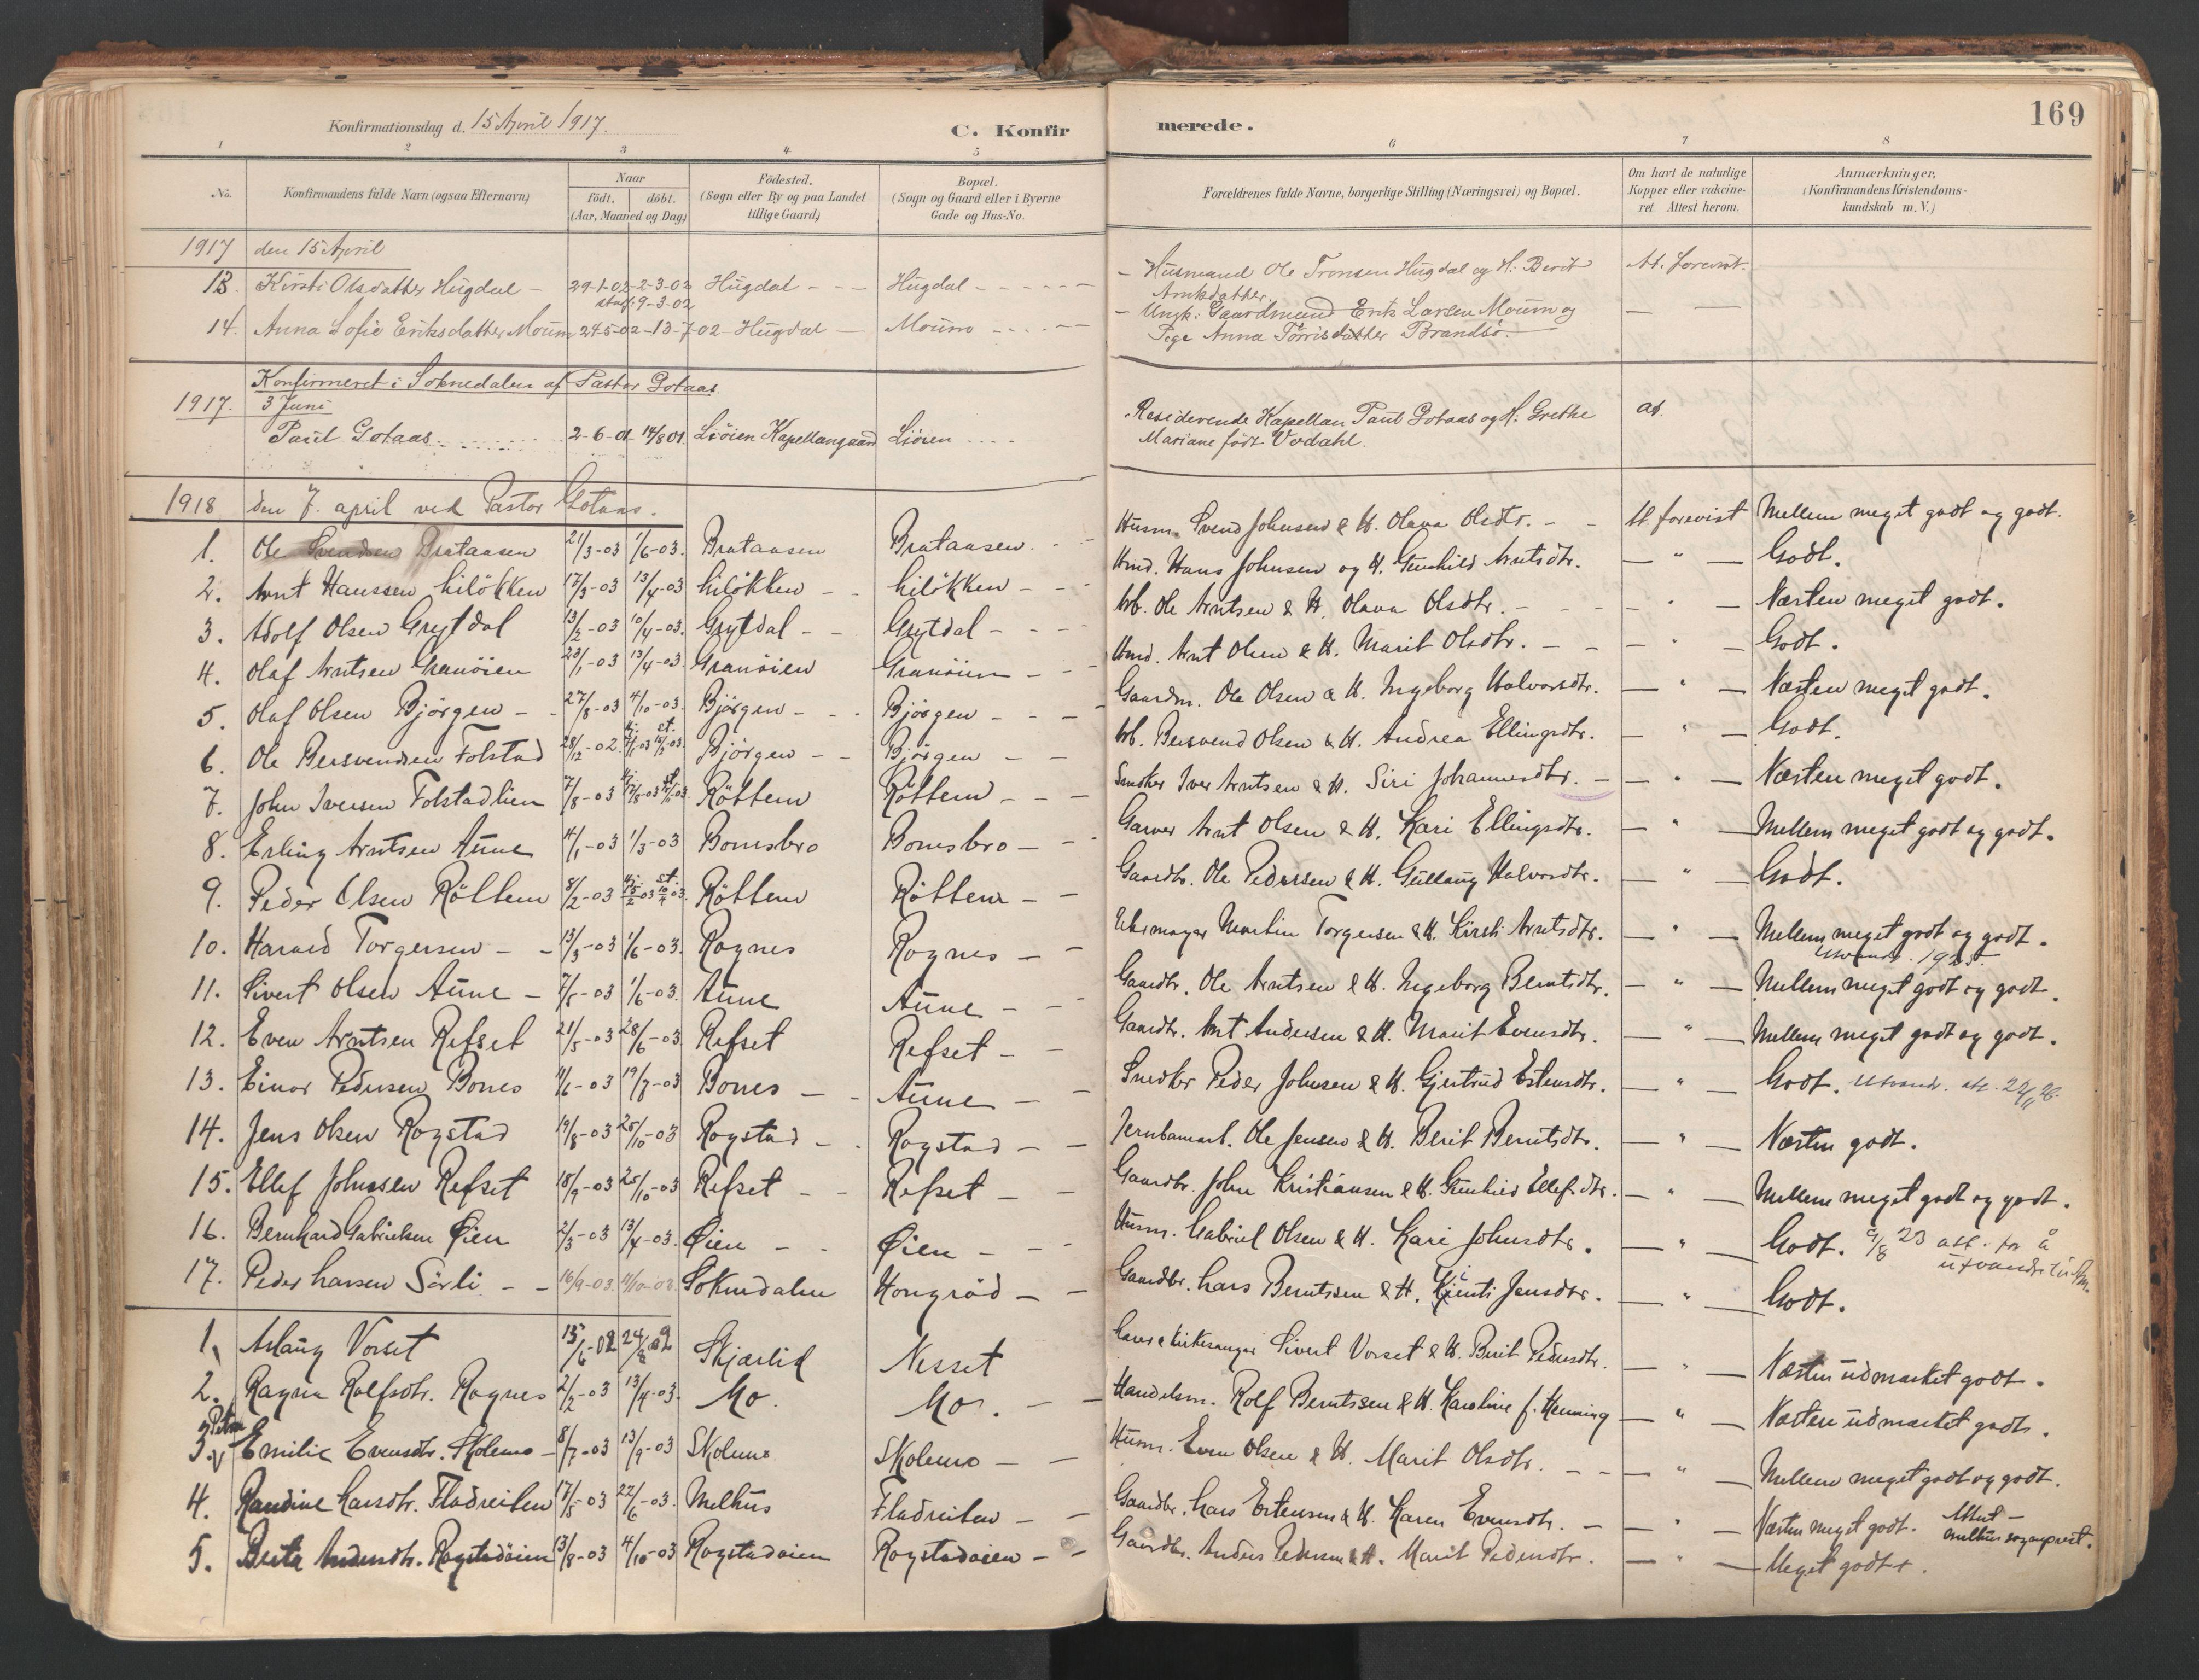 SAT, Ministerialprotokoller, klokkerbøker og fødselsregistre - Sør-Trøndelag, 687/L1004: Ministerialbok nr. 687A10, 1891-1923, s. 169